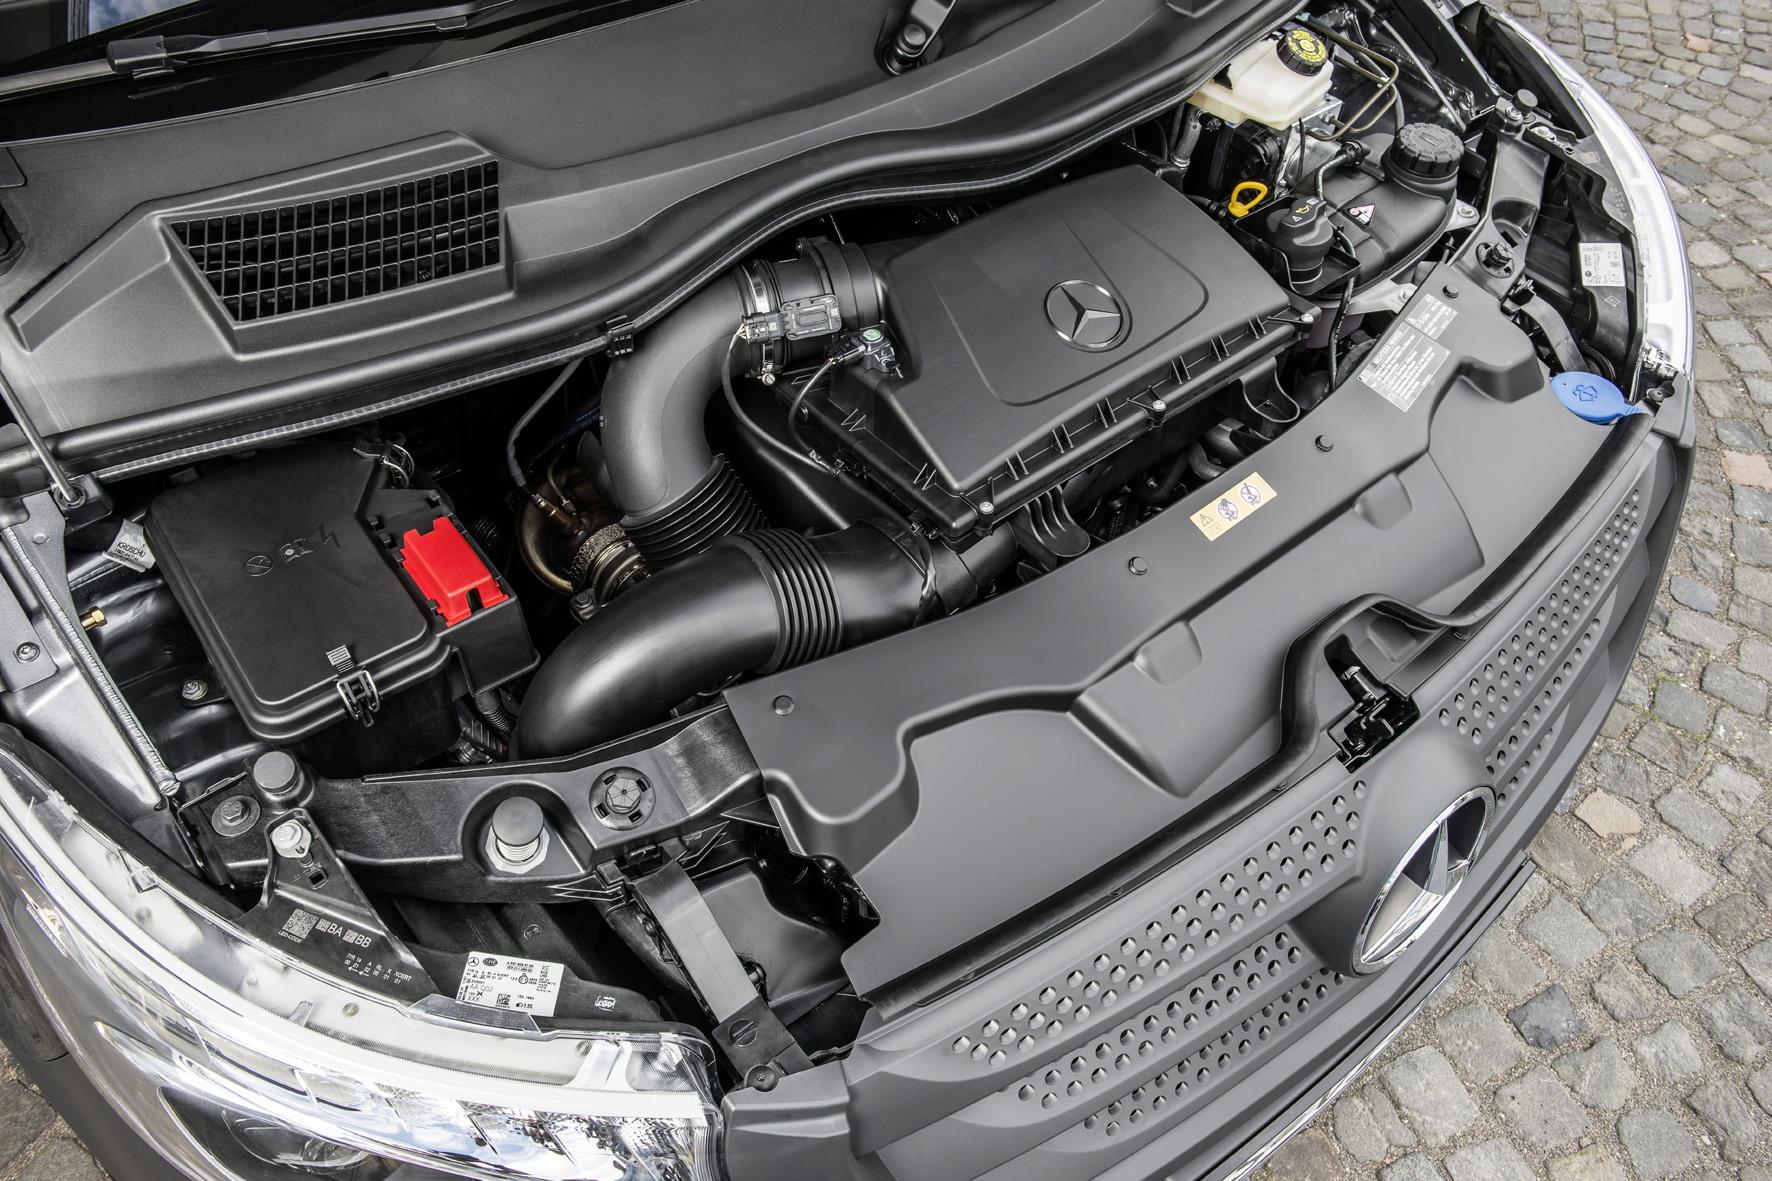 Mercedes: Ärger mit dem Dieselmotor